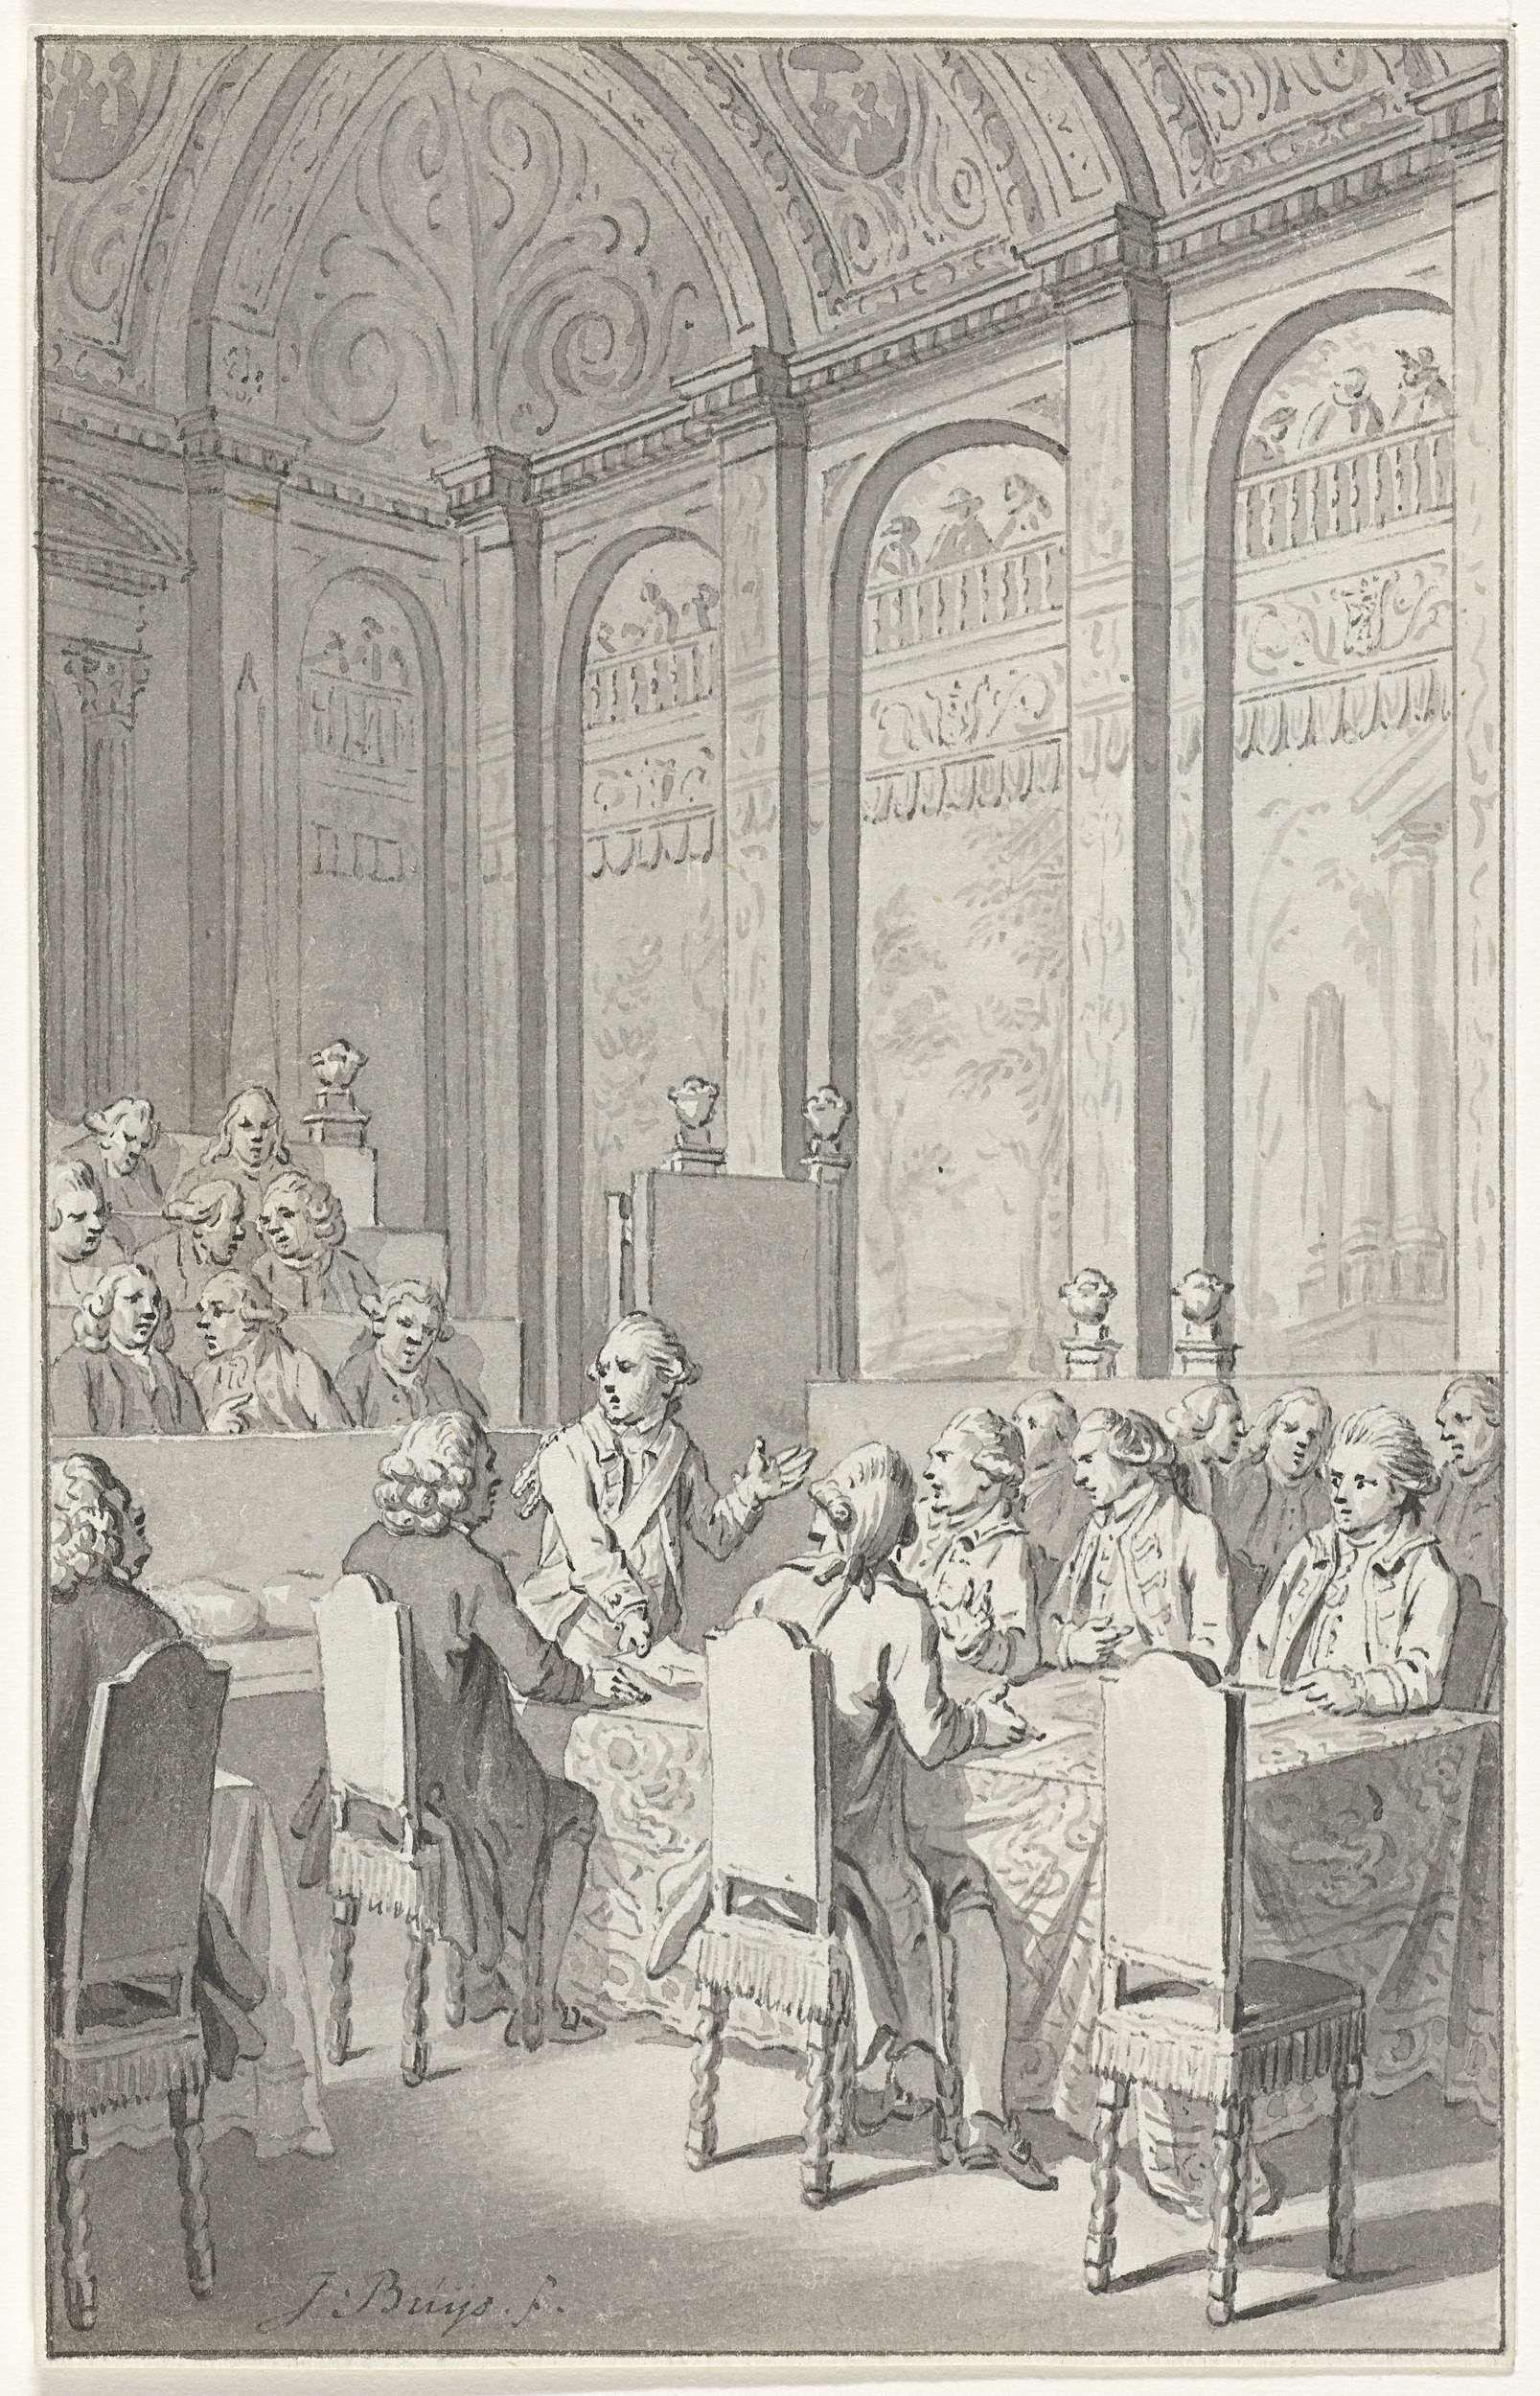 Jacobus Buys | Willem V toont de papieren van Laurens, 1780, Jacobus Buys, 1780 - 1795 | Stadhouder Willem V levert bij de vergadering van de Staten van Holland de door de Engelsen in beslag genomen papieren van de Amerikaan Henry Laurens in, 20 oktober 1780. Ontwerp voor een prent.